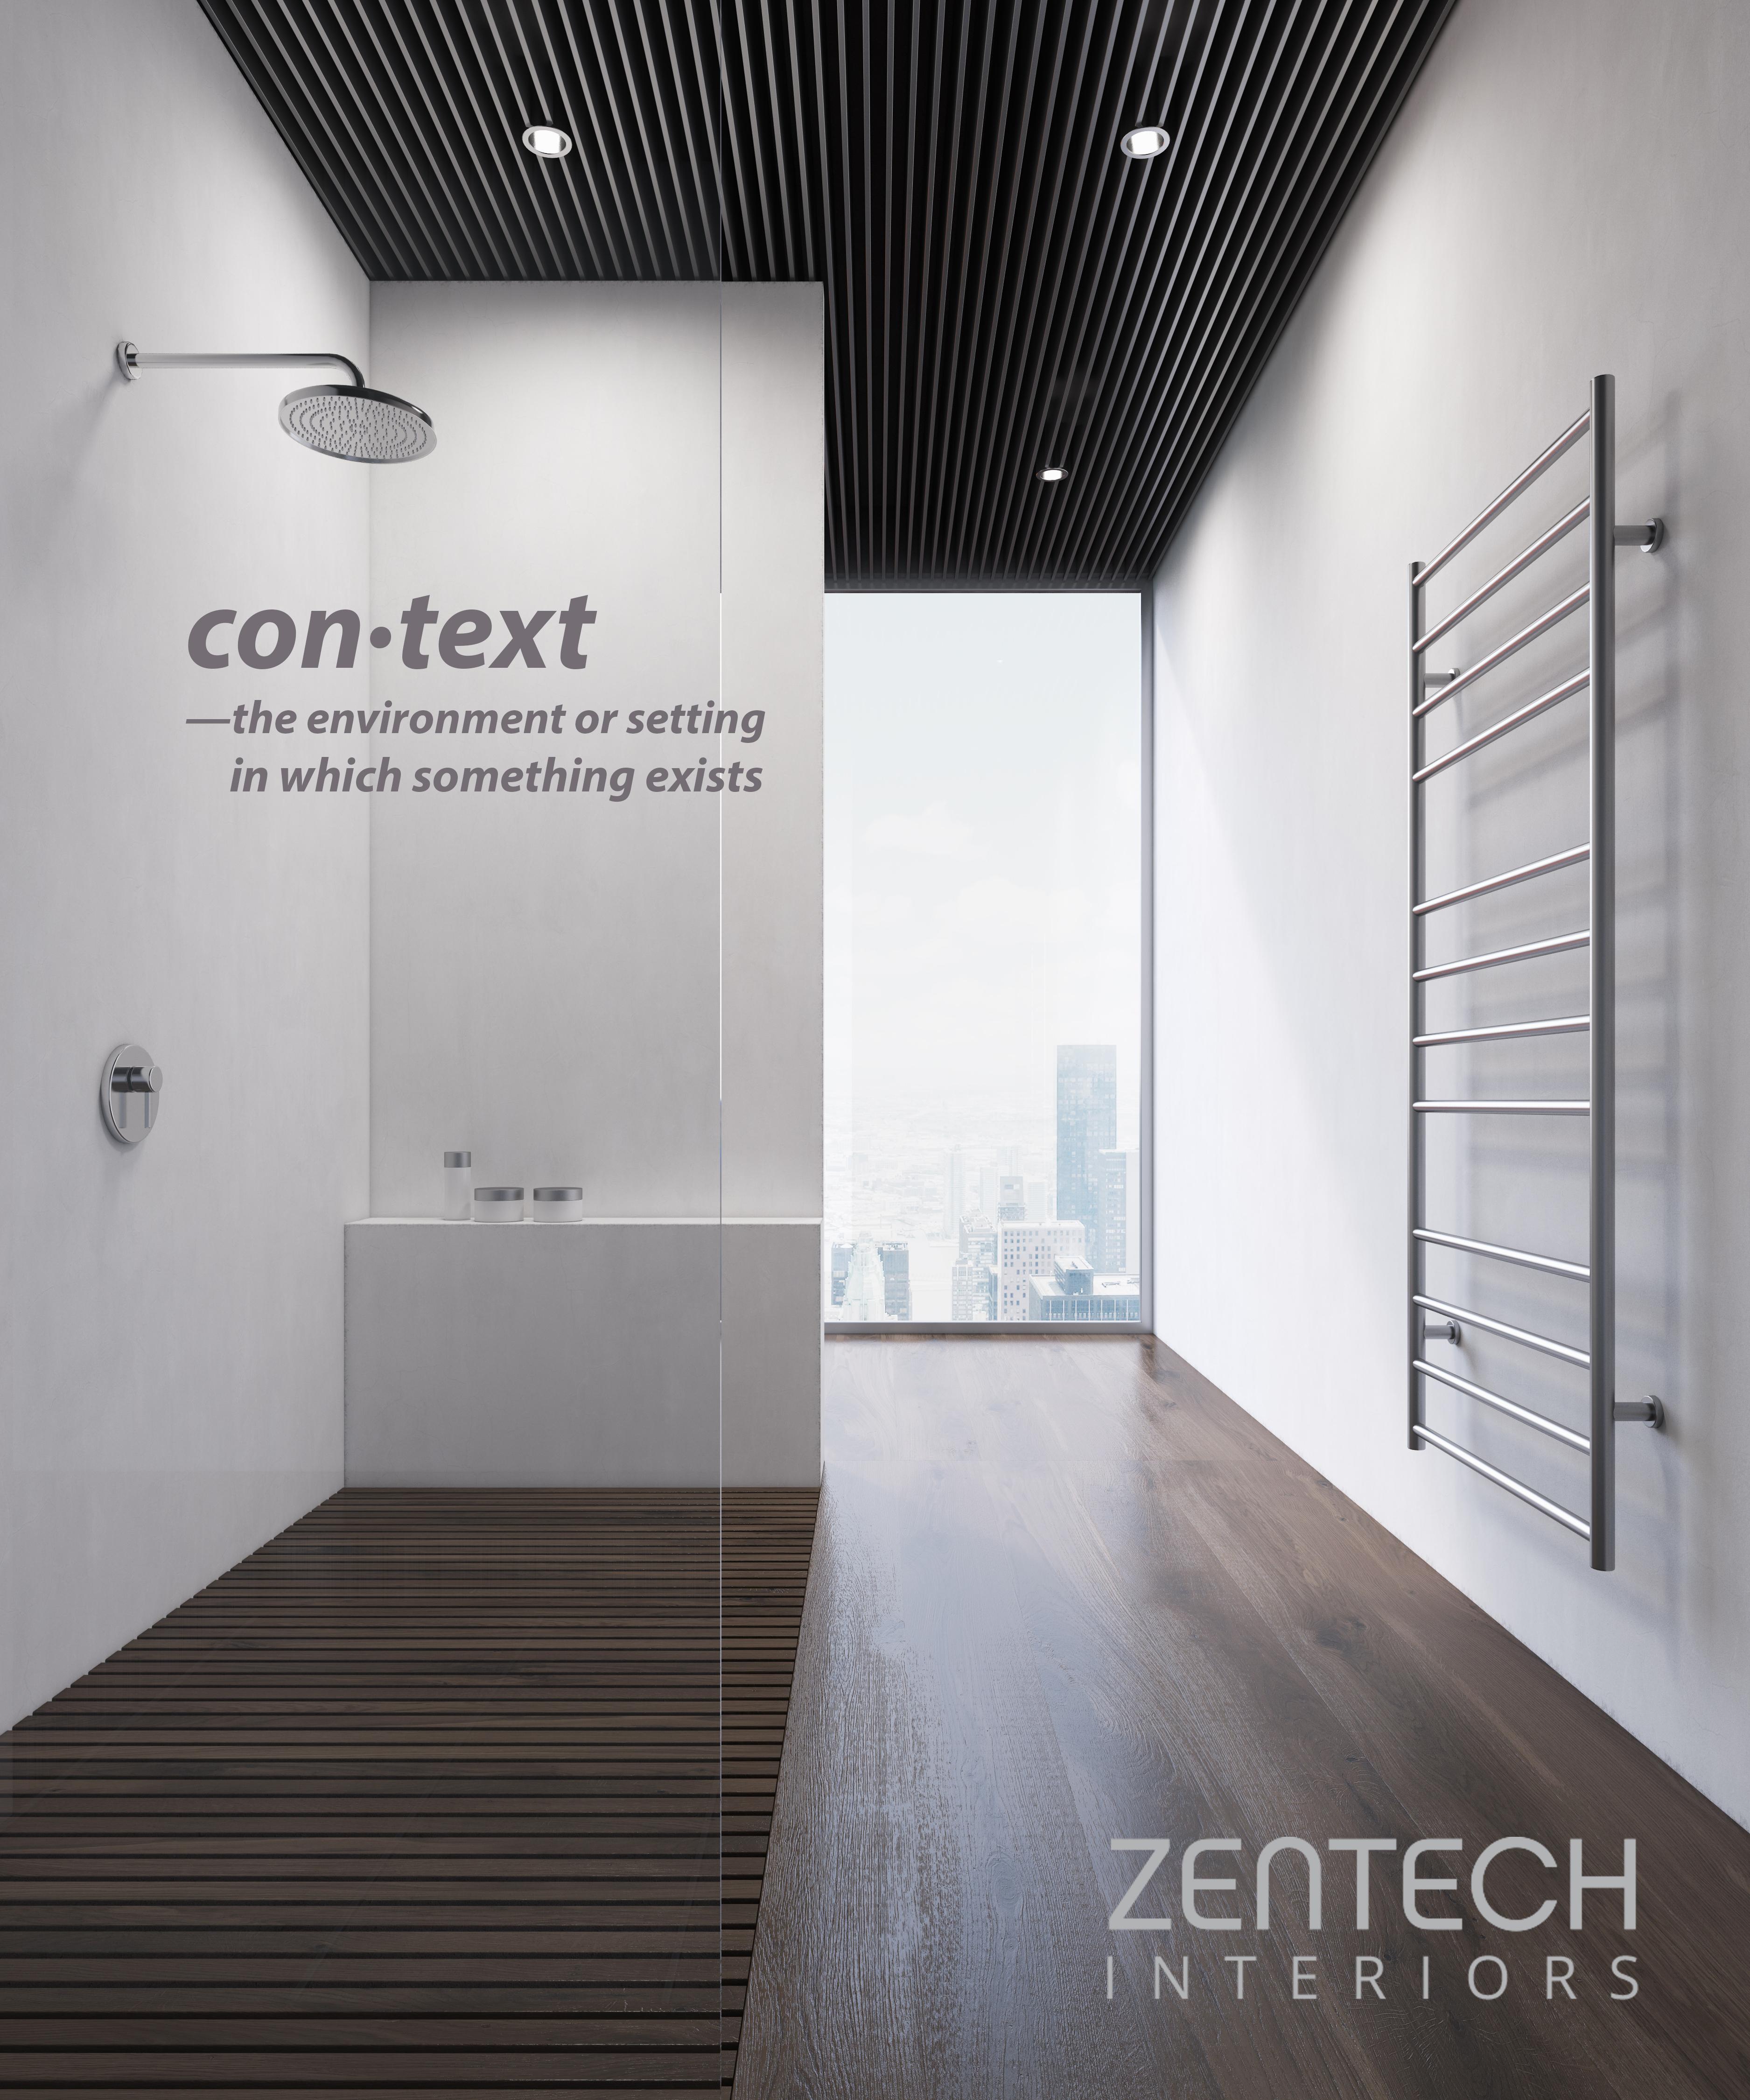 ZT Context